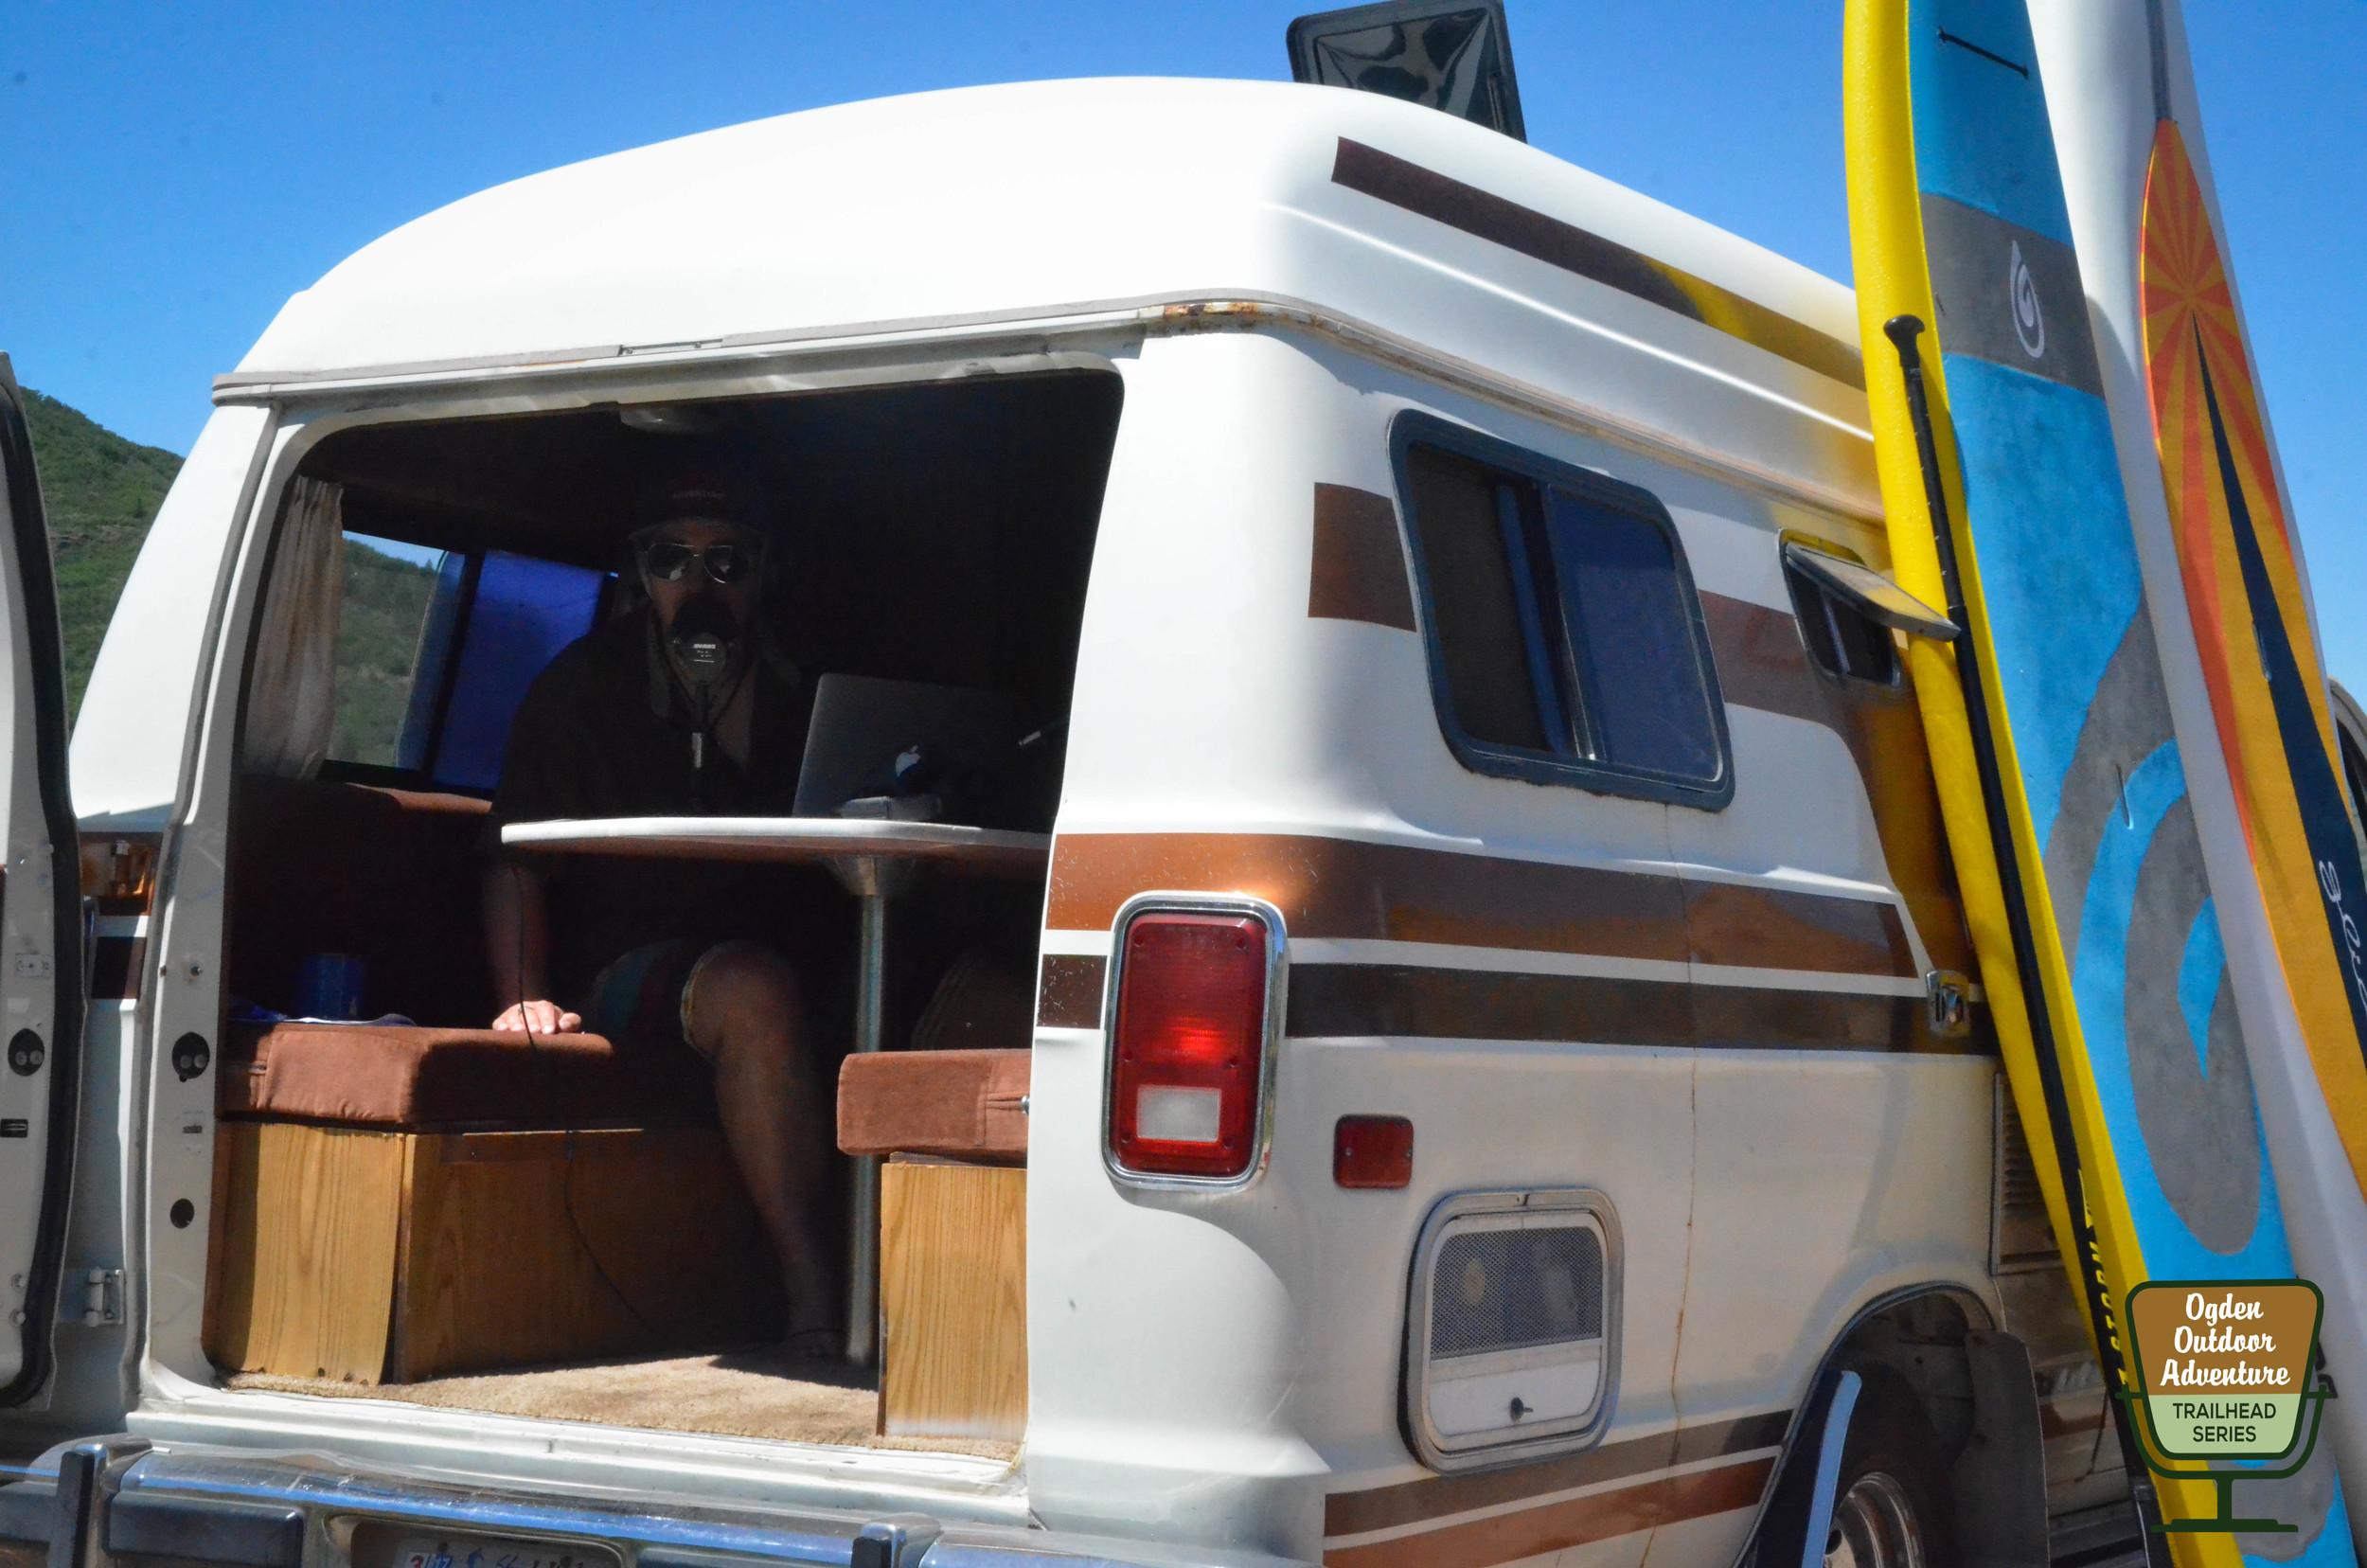 Ogden Outdoor Adventure Show 244 Causey-7.jpg